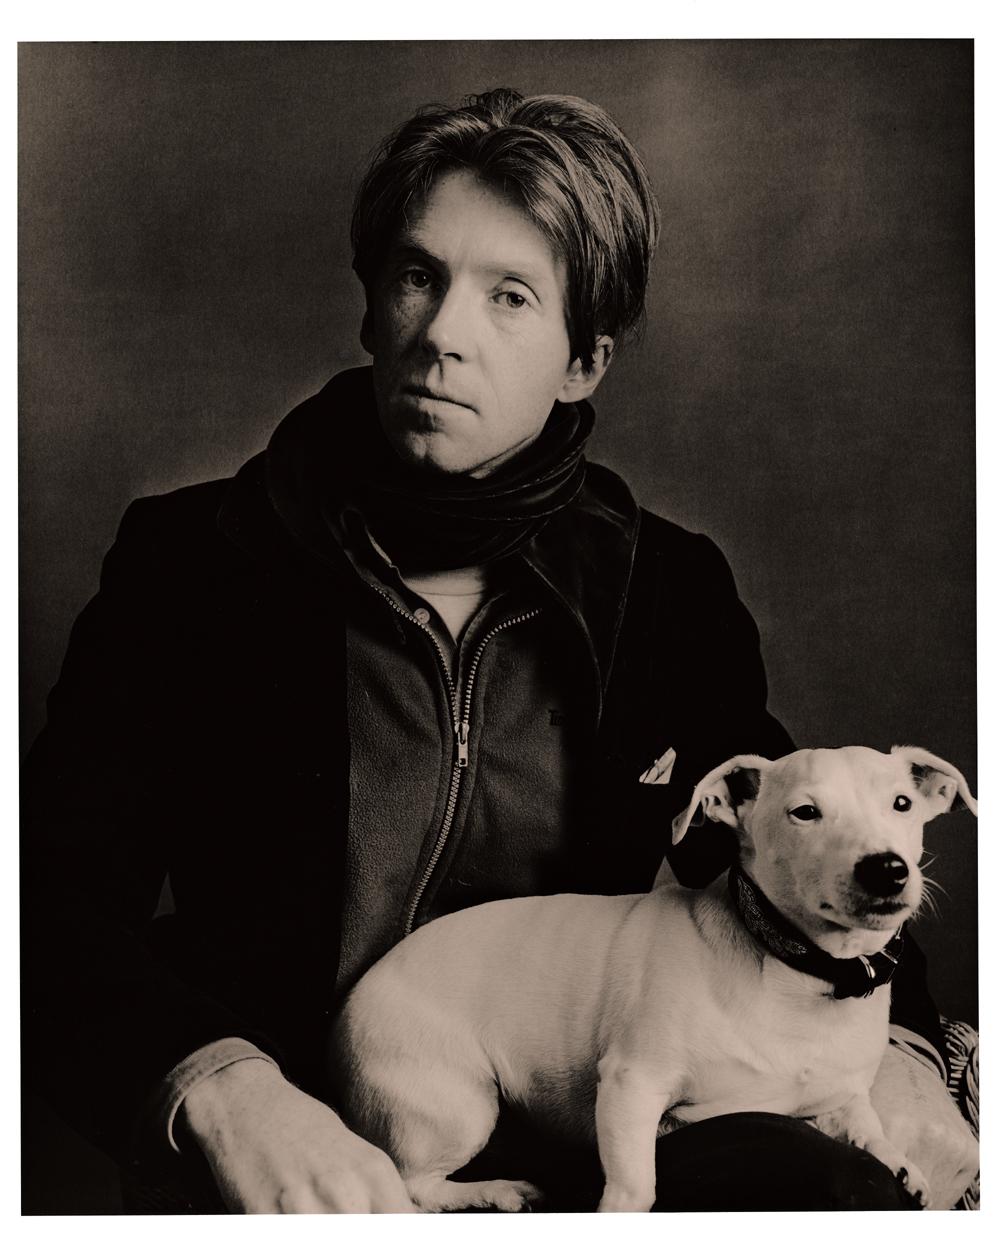 man & dog 2.jpg